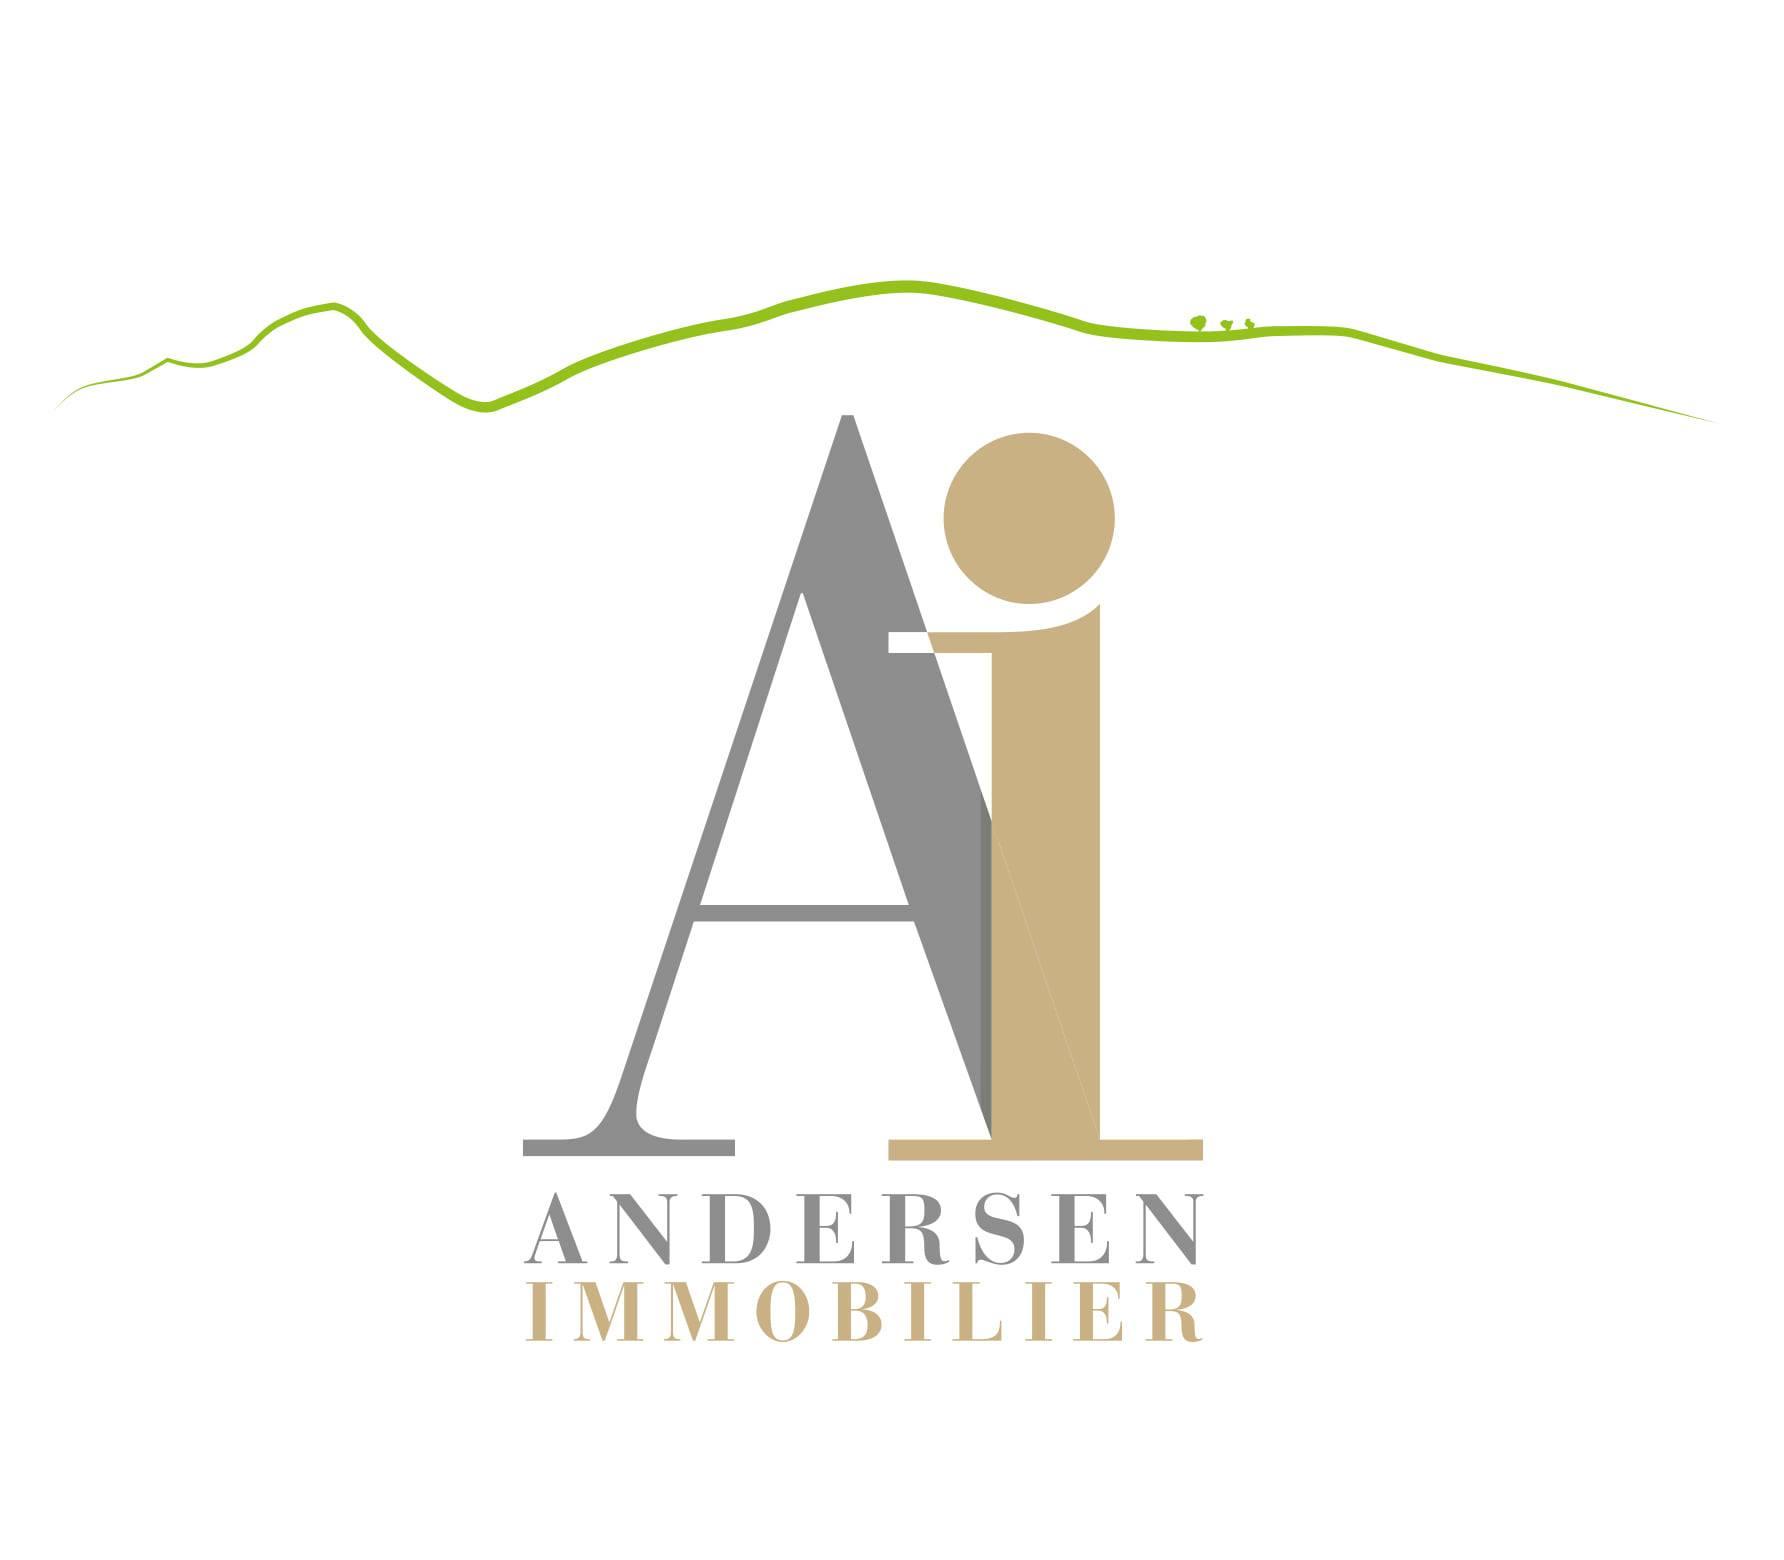 ANDERSEN IMMOBILIER